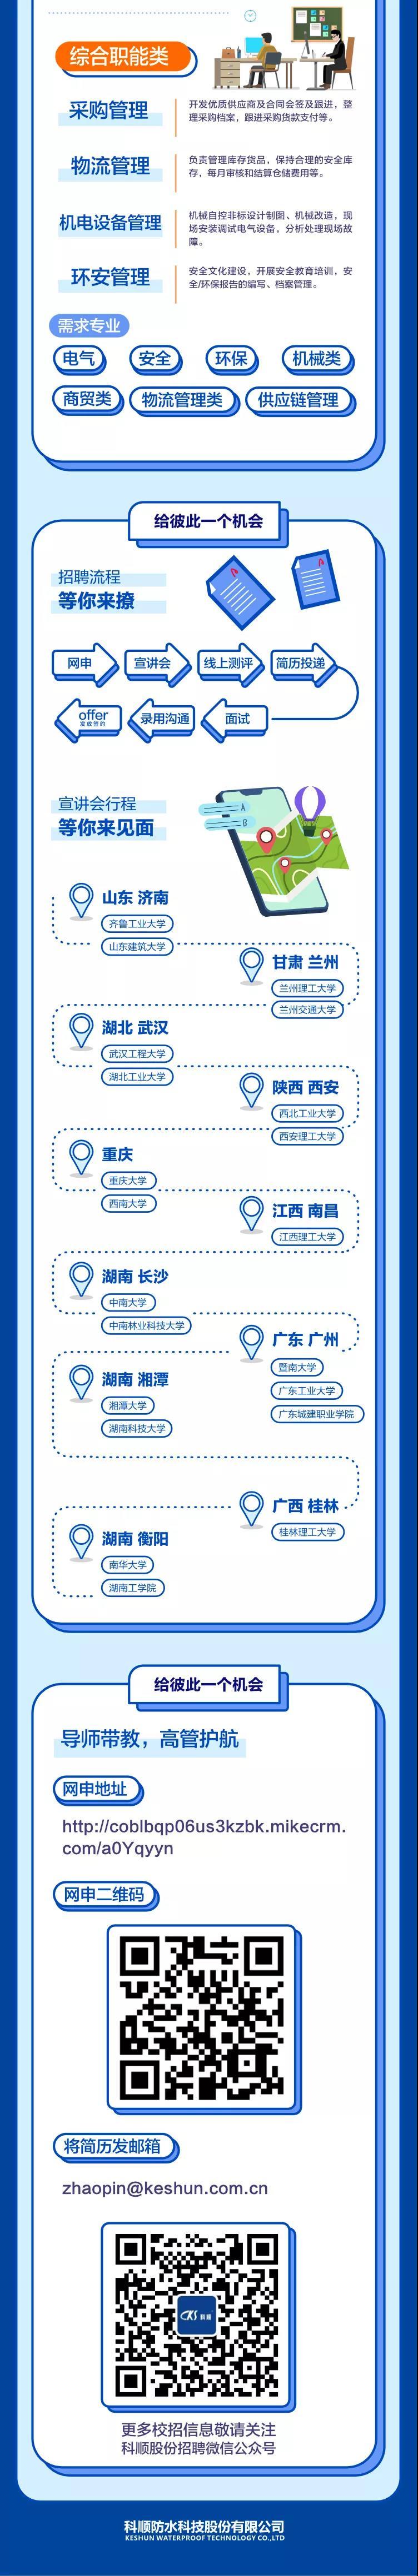 寰俊鍥剧墖_20191009174246.jpg